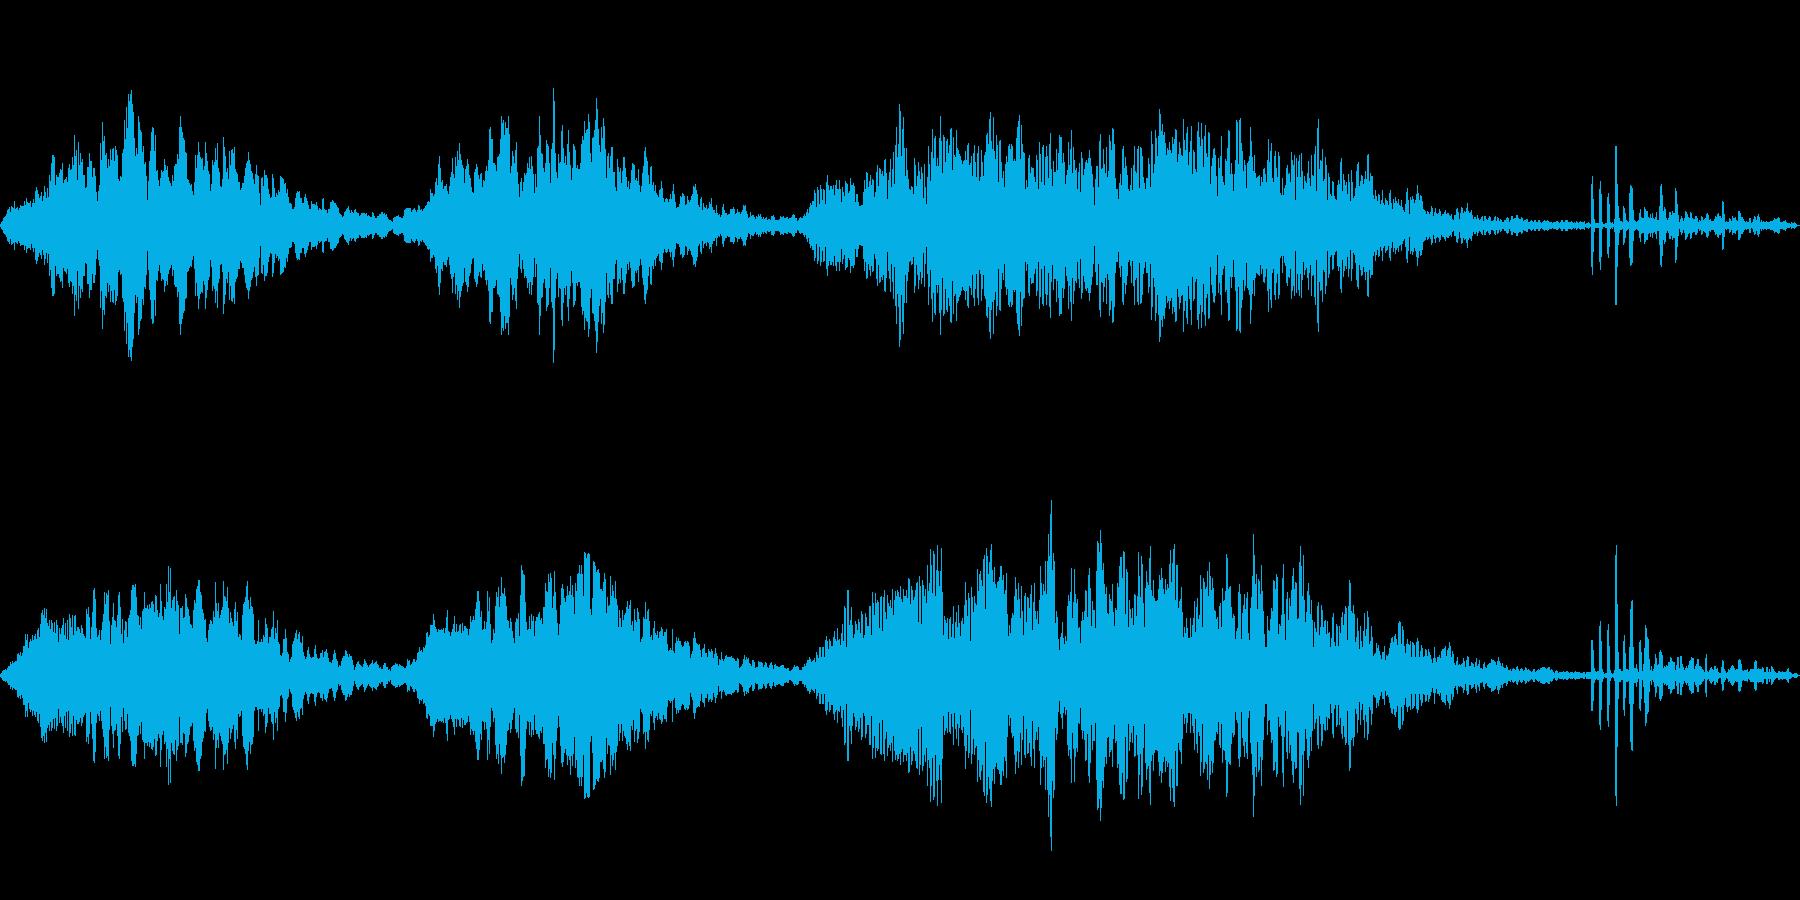 恐怖や不安を感じるシンプルなループBGMの再生済みの波形